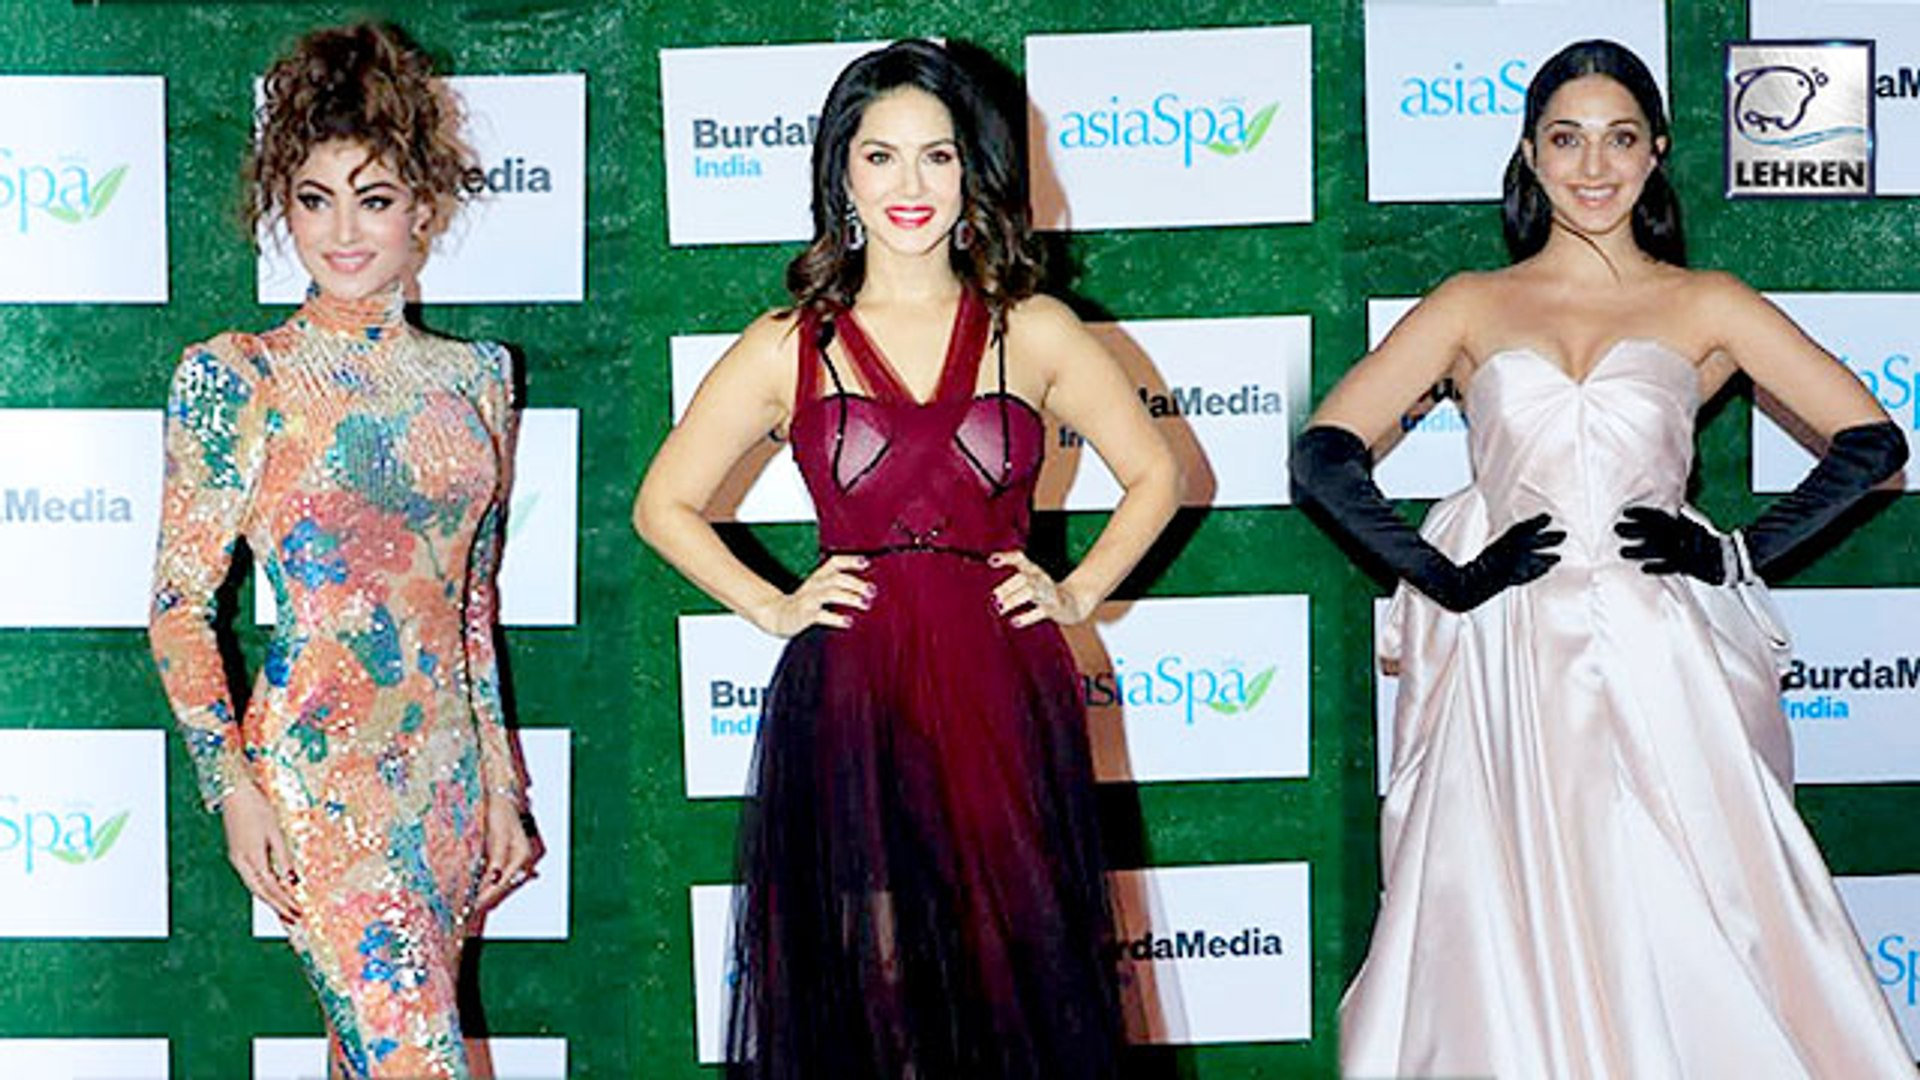 Asia Spa India Awards 2019 Red Carpet: Sunny Leone, Kiara Advani, Urvashi Rautela